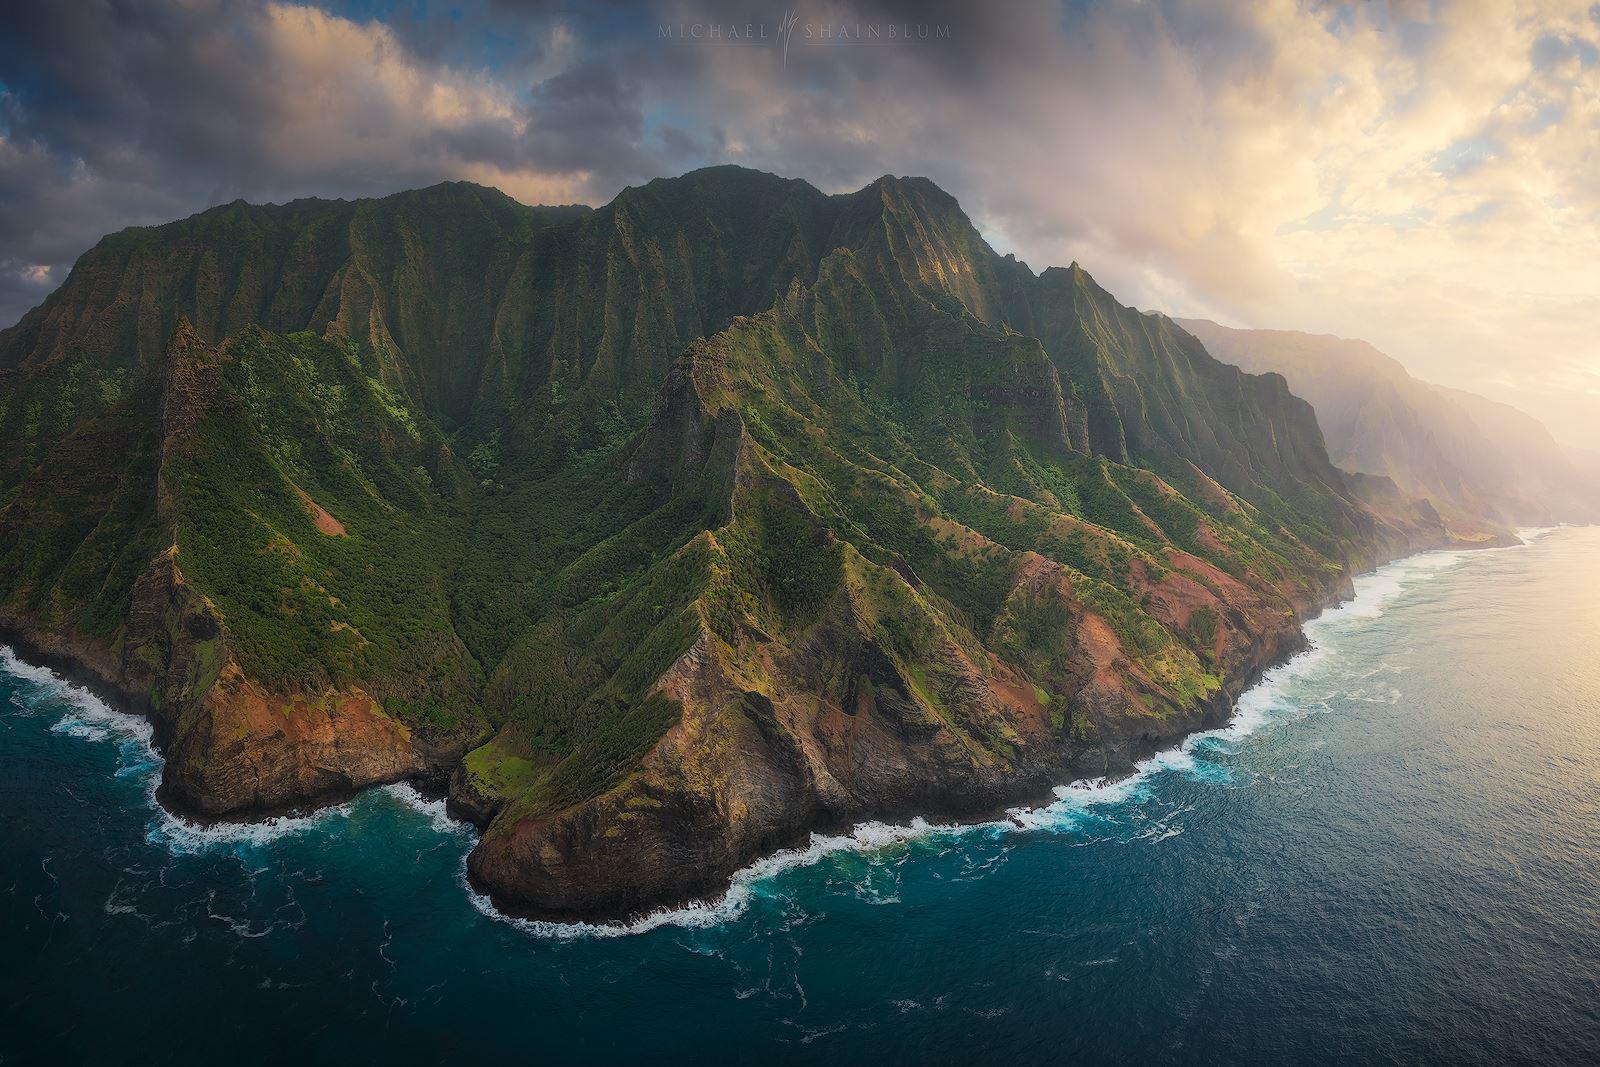 остров кауаи гавайи фото второй город, после